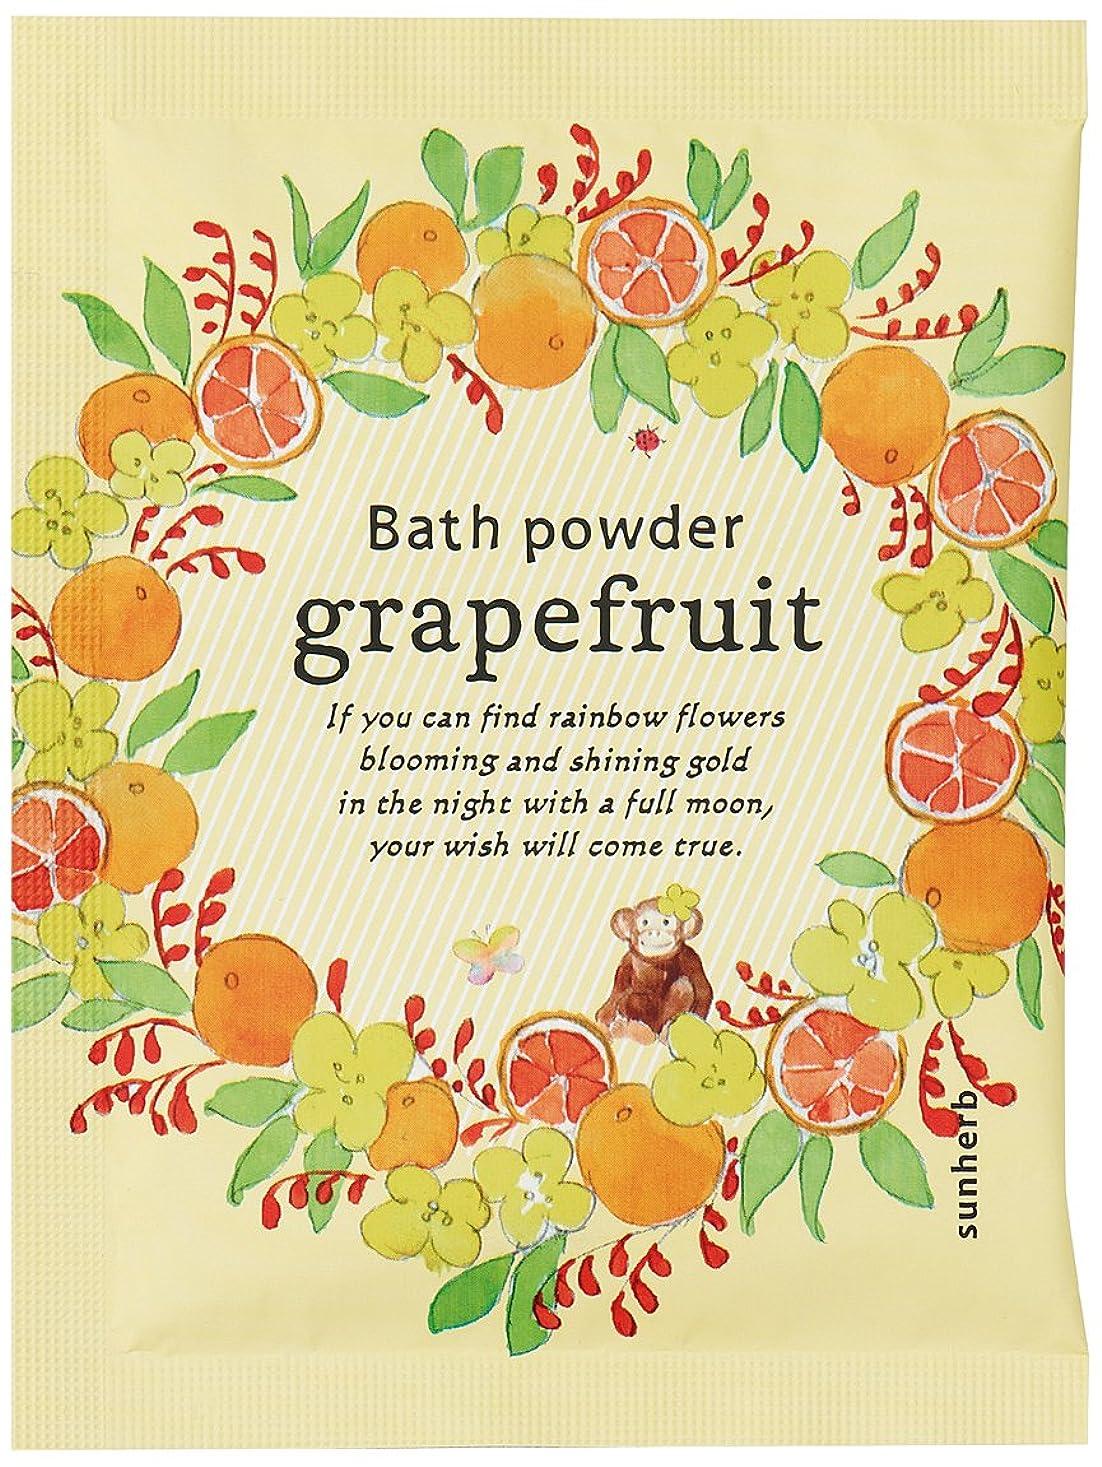 受け入れギャングとらえどころのないサンハーブ バスパウダー25g グレープフルーツ 12個(しっとりミルキータイプの入浴料 シャキっとまぶしい柑橘系の香り)